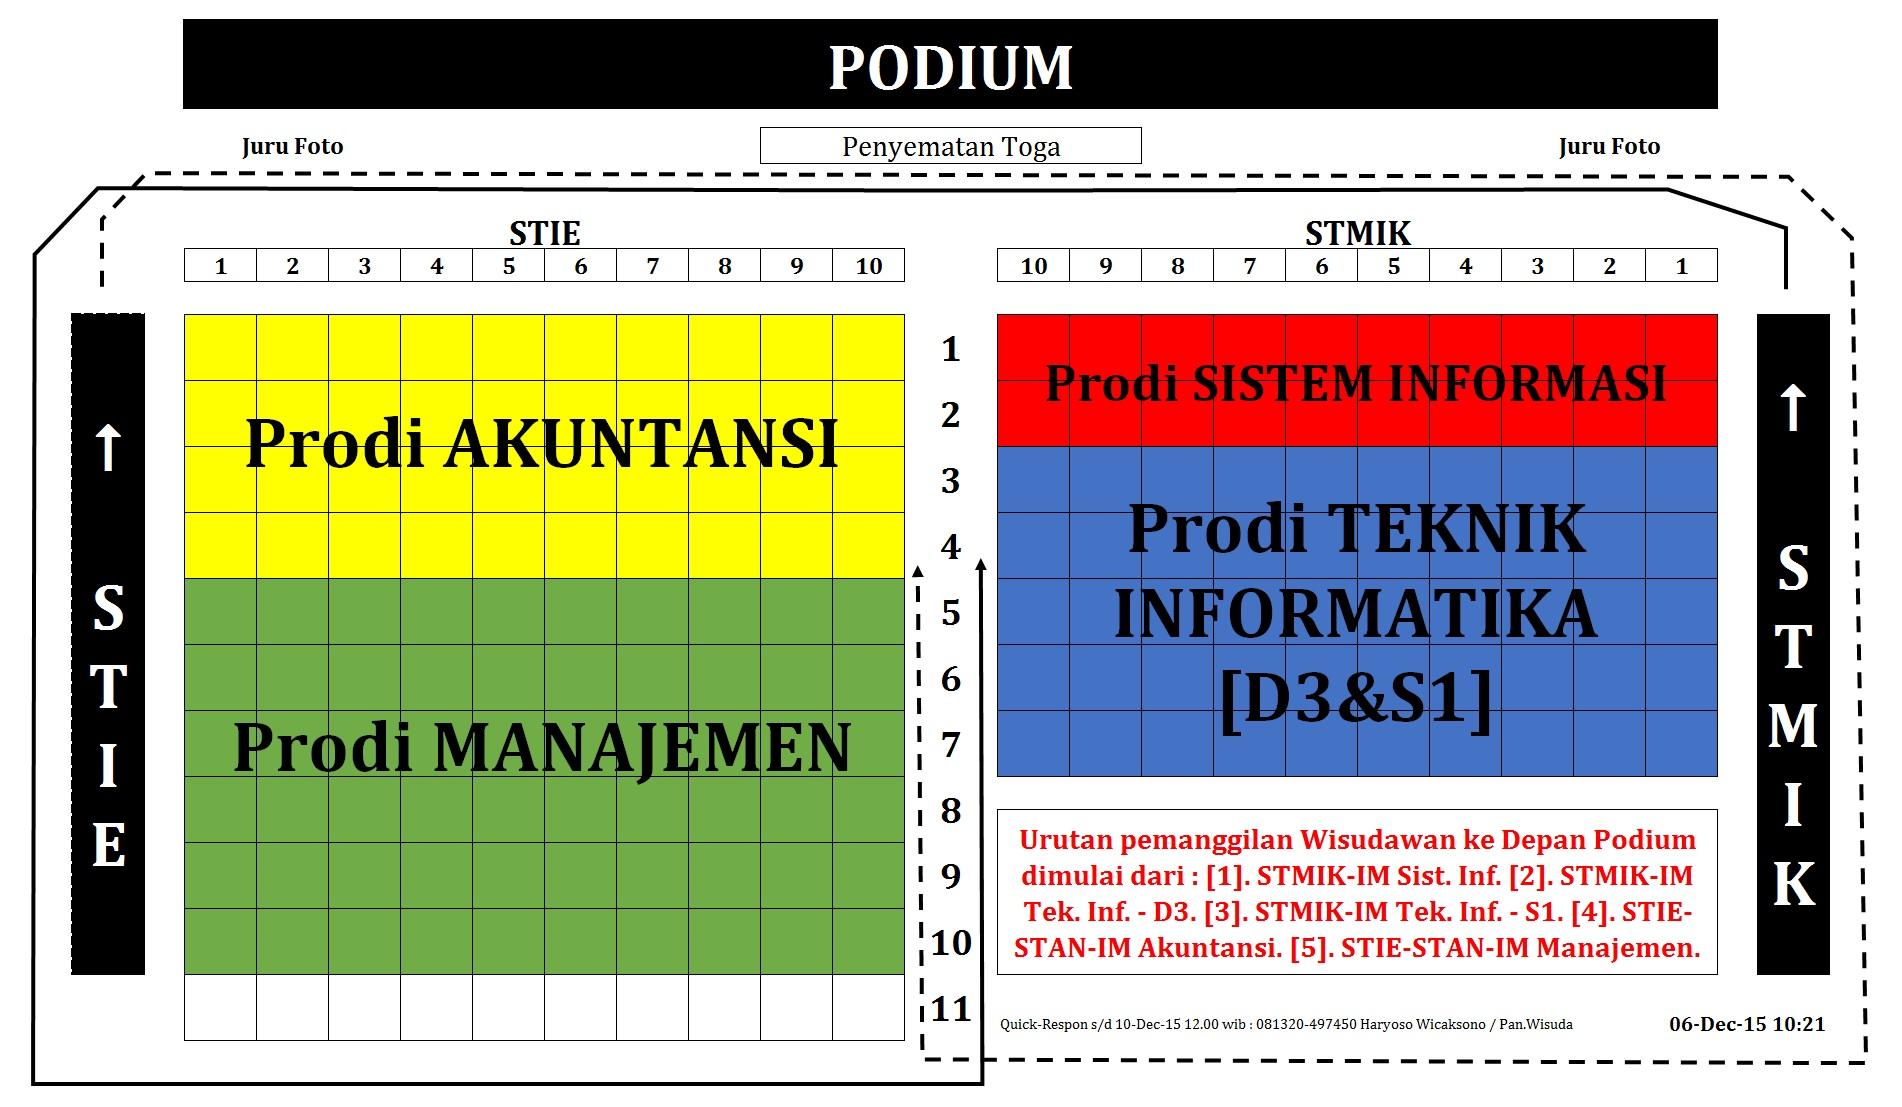 Wisuda2015 #1 Denah Prodi